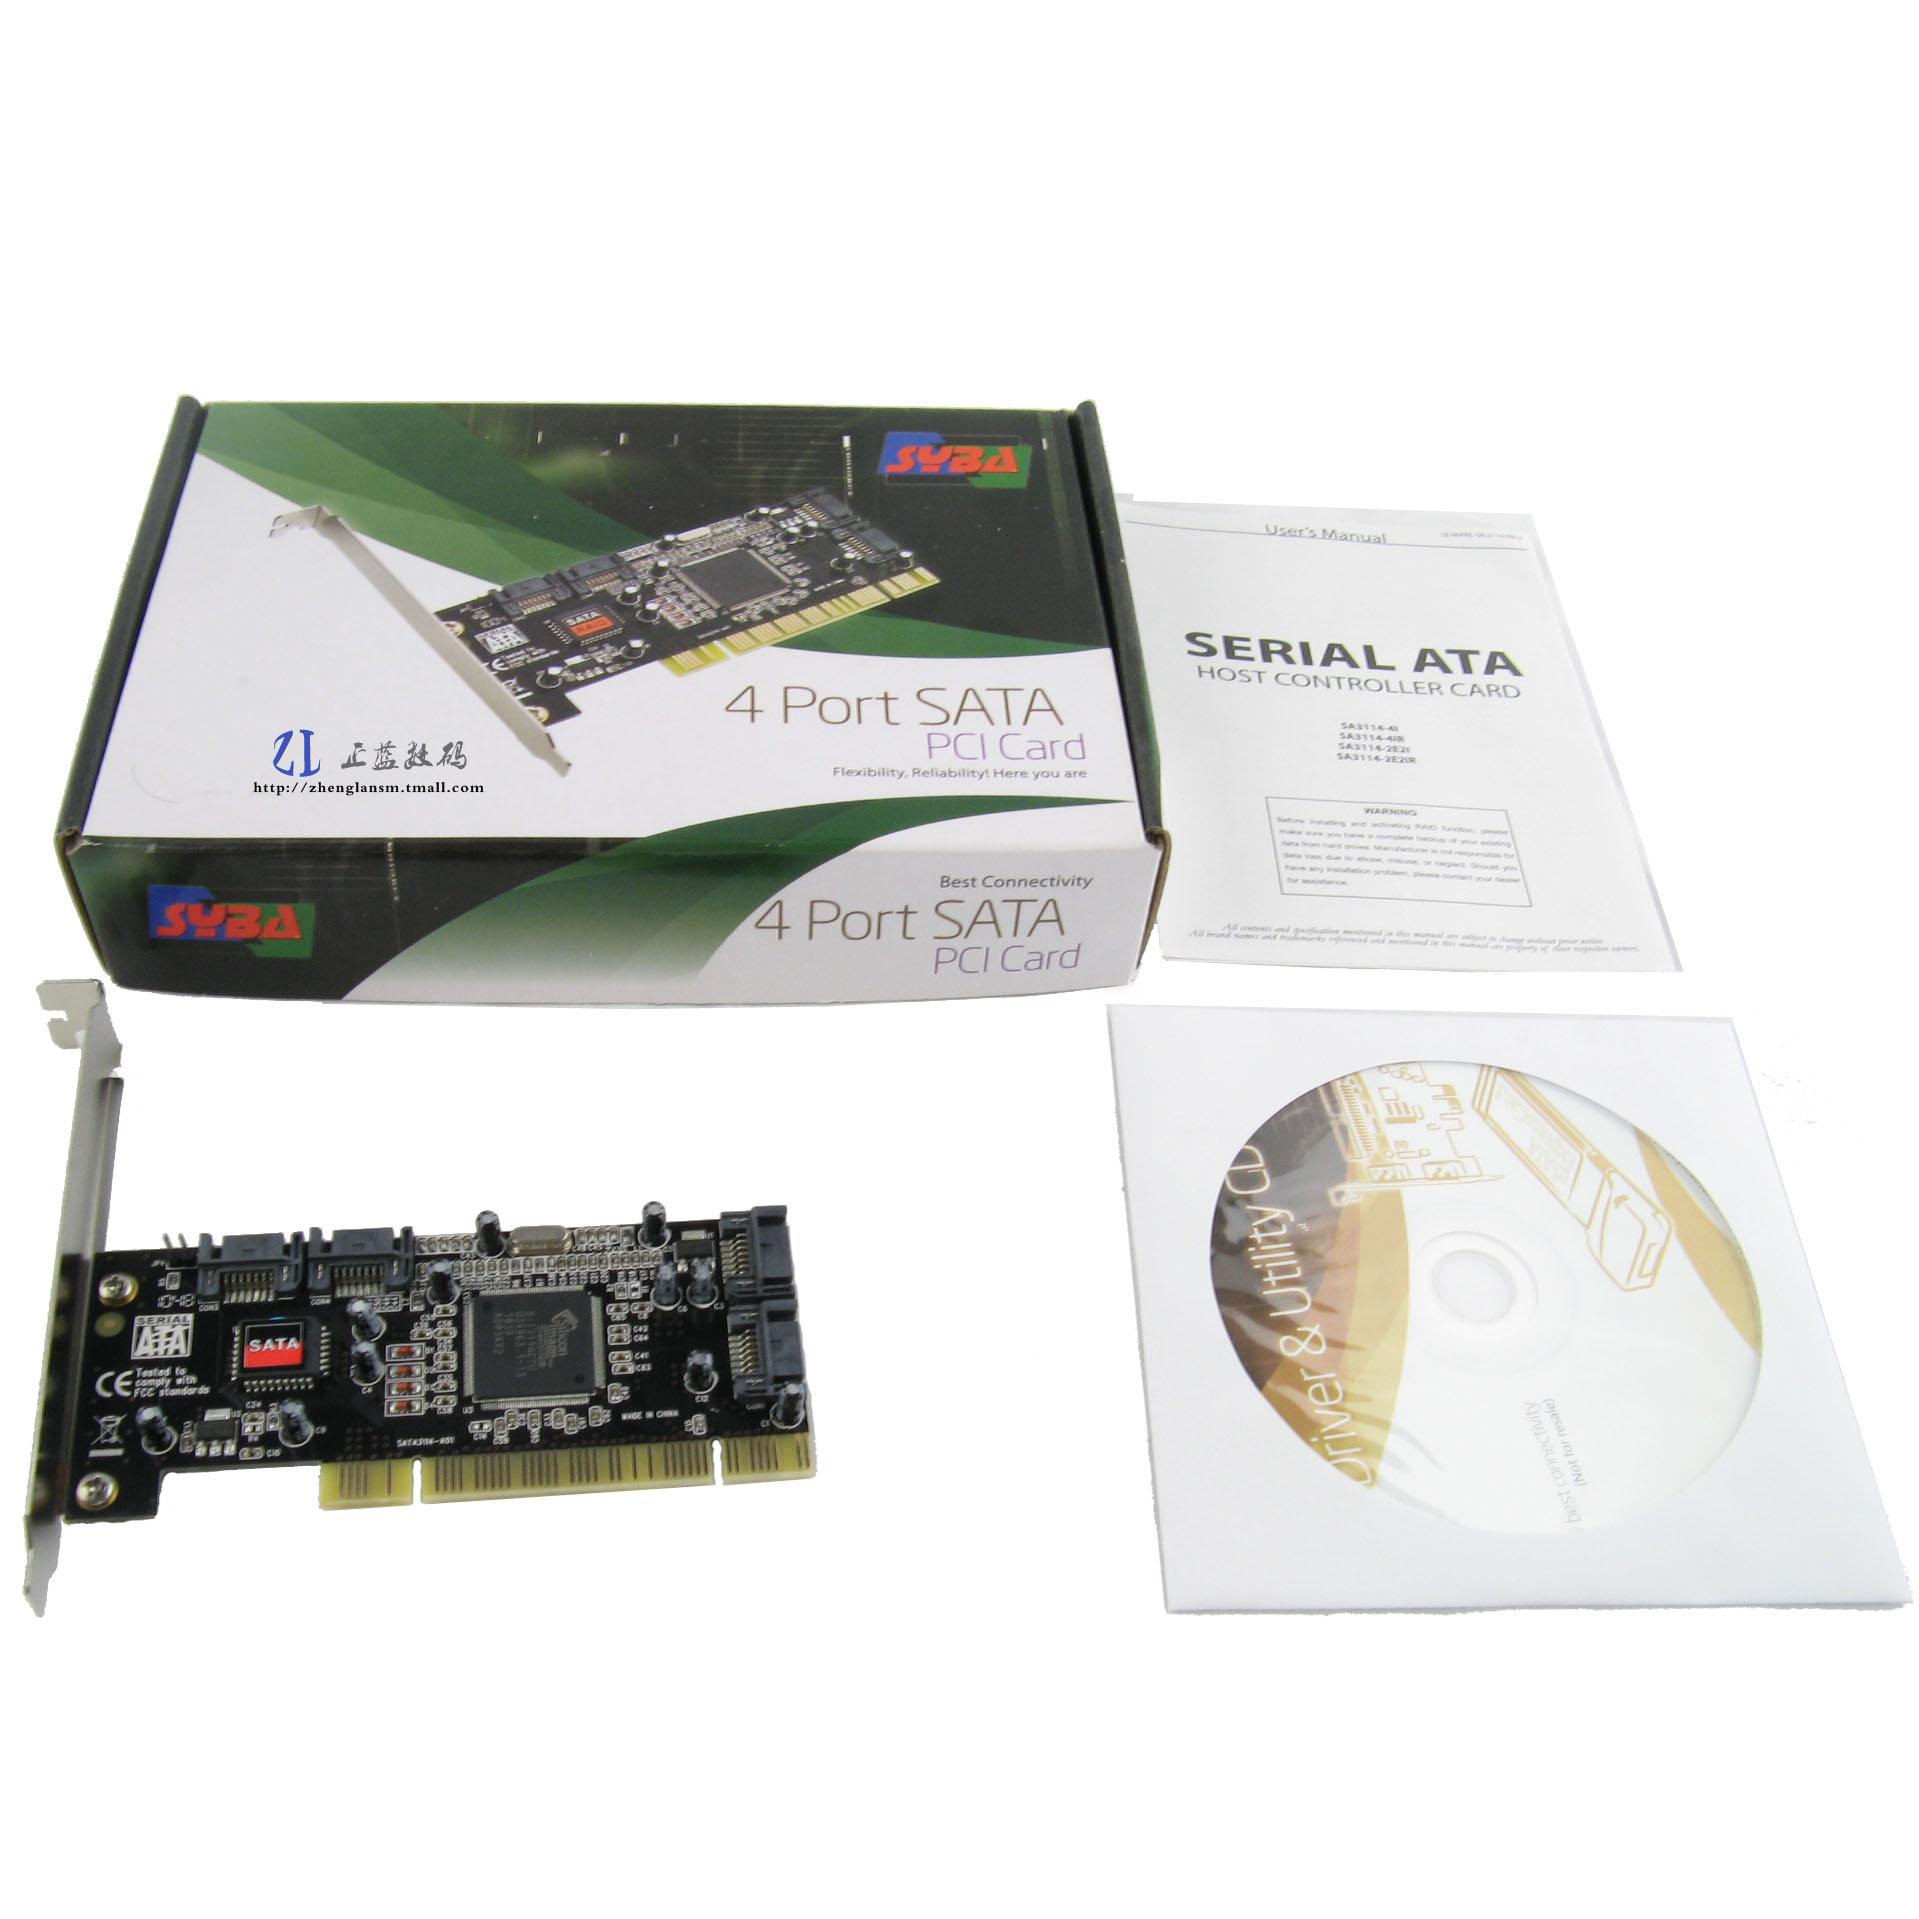 西霸 SYBA SATA磁盘PCI阵列卡 SATA扩展卡4口 支持8.0T容量 RAID5